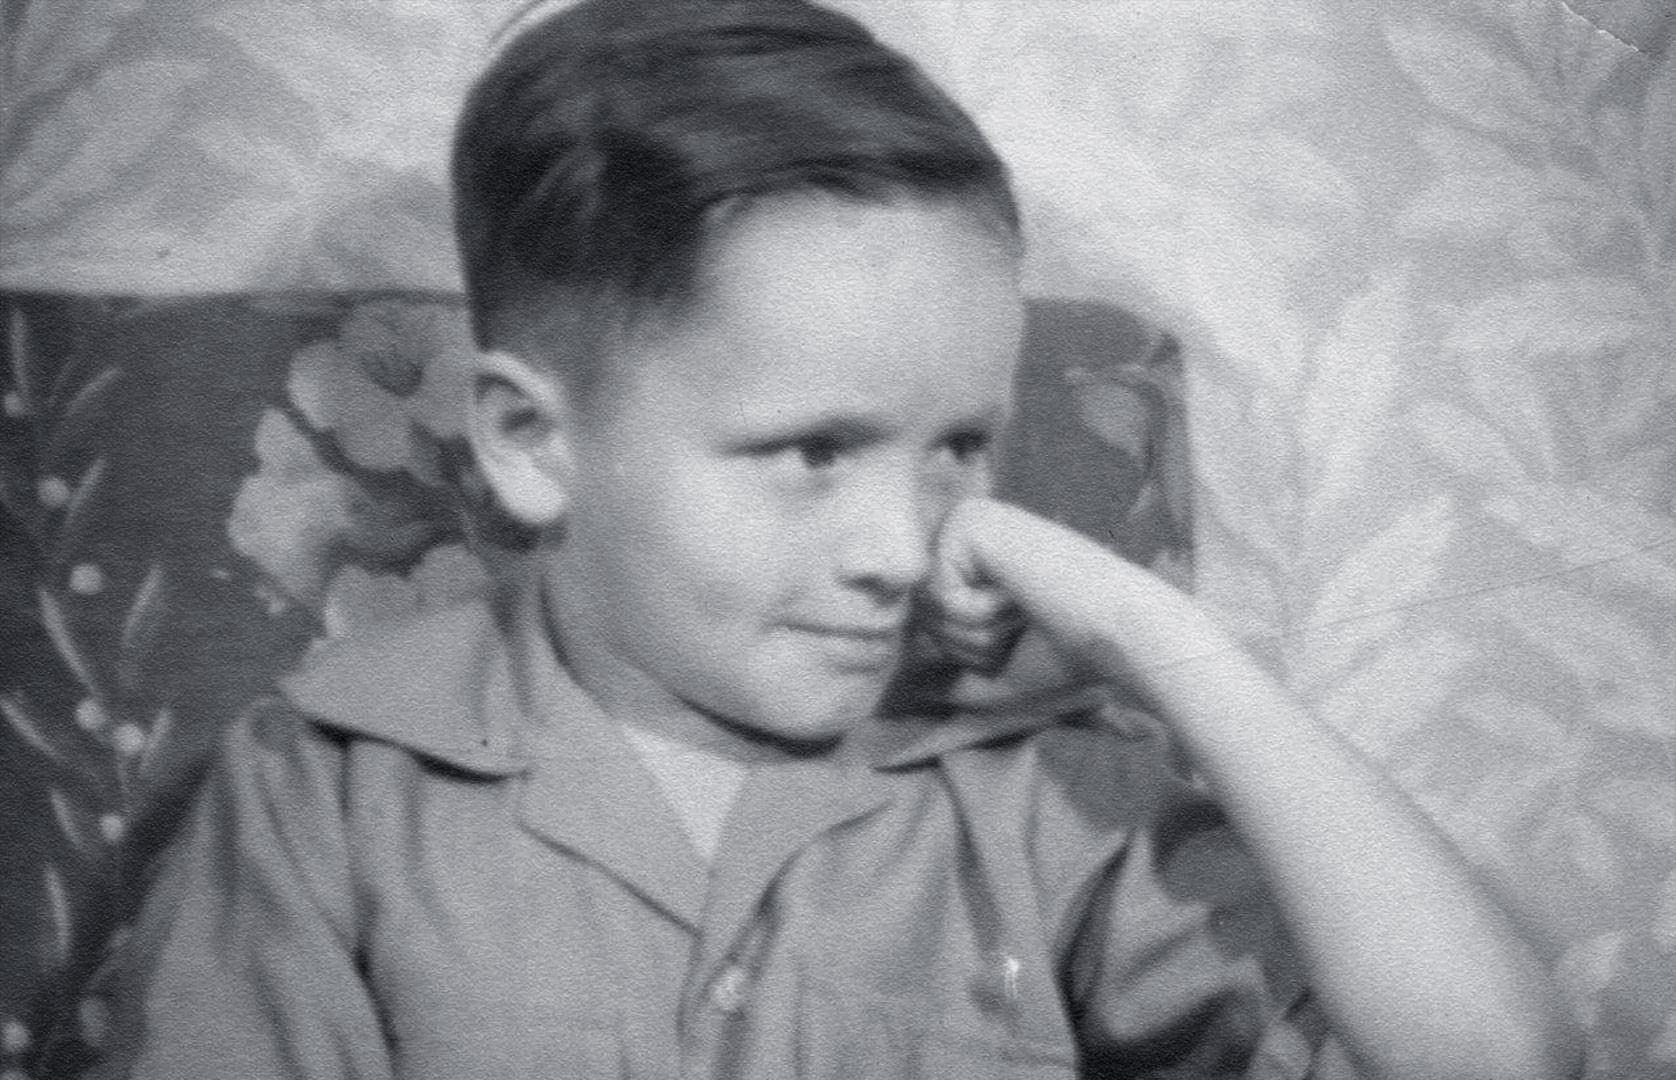 Чарльзу Мэнсону пять лет. Фото © Biographics